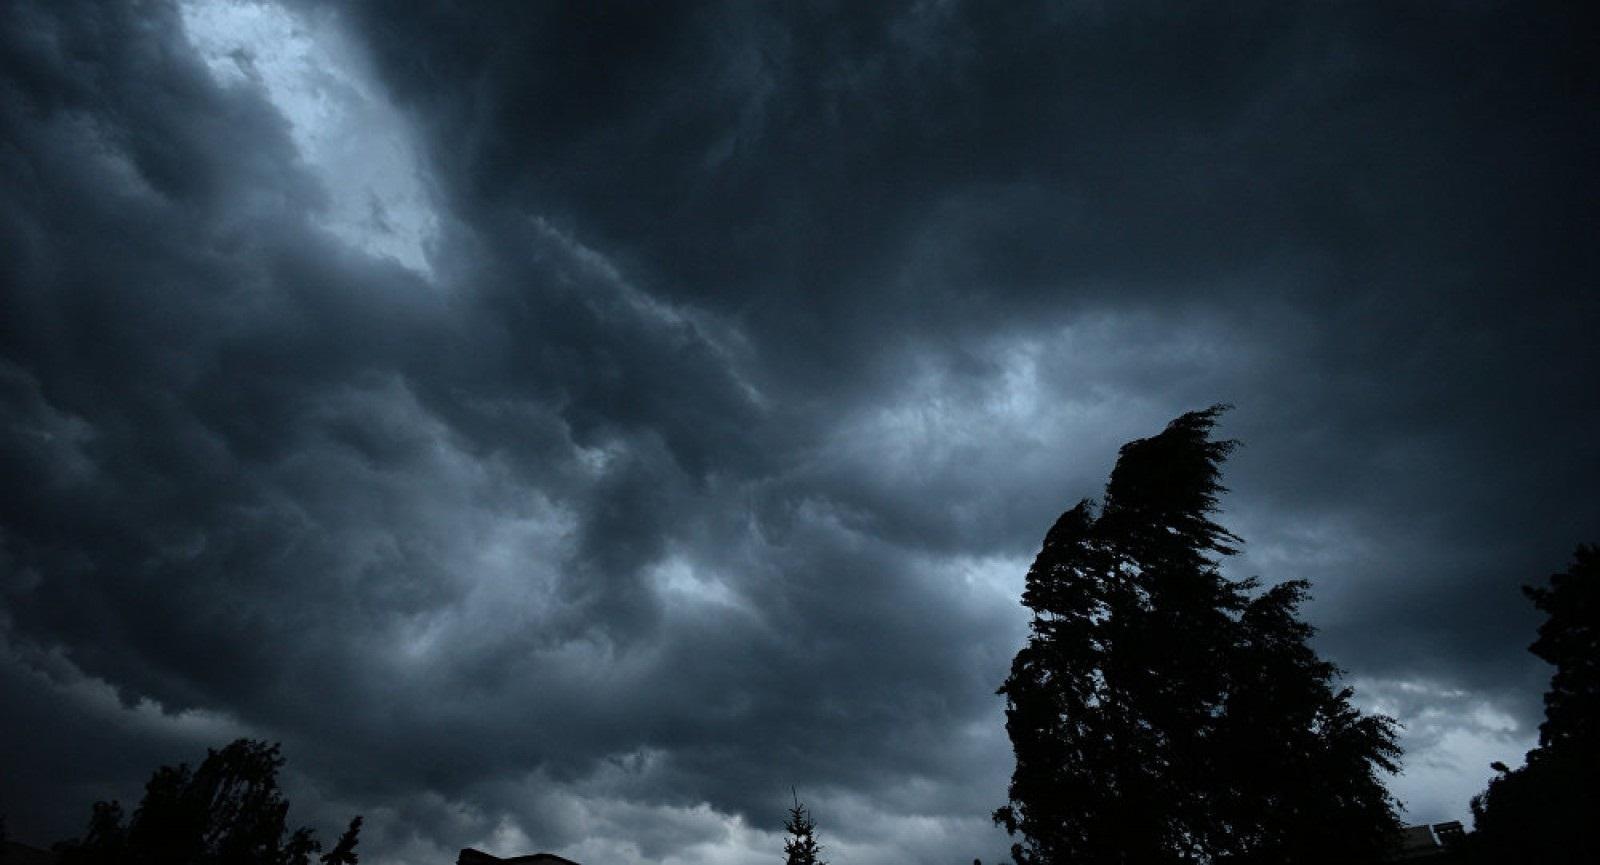 МЧС Петербурга предупреждает обштормовом ветре вовторник